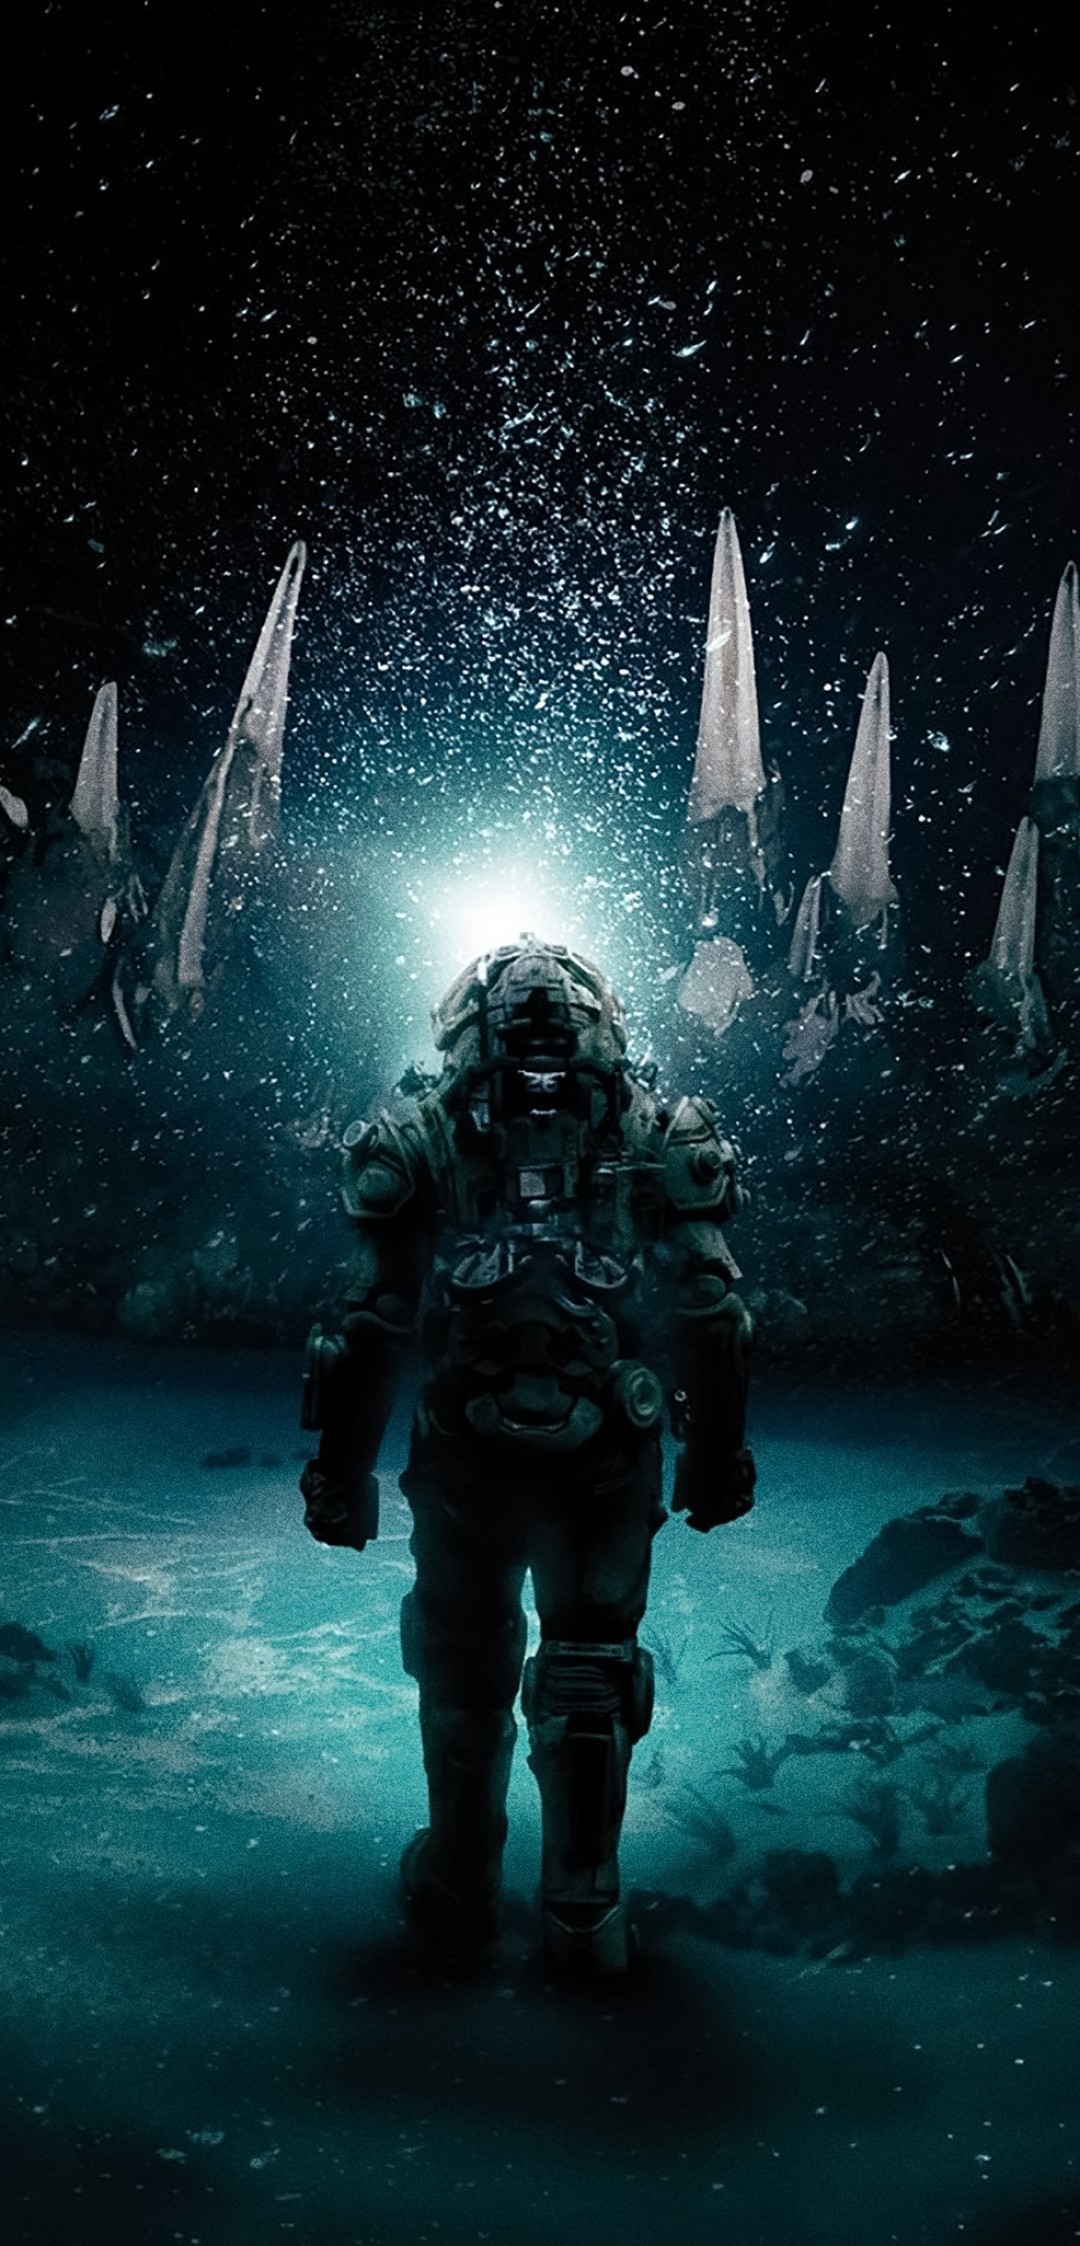 Download 1080x2246 Underwater 2020 Horror Movies Suit Wallpapers 1080x2246